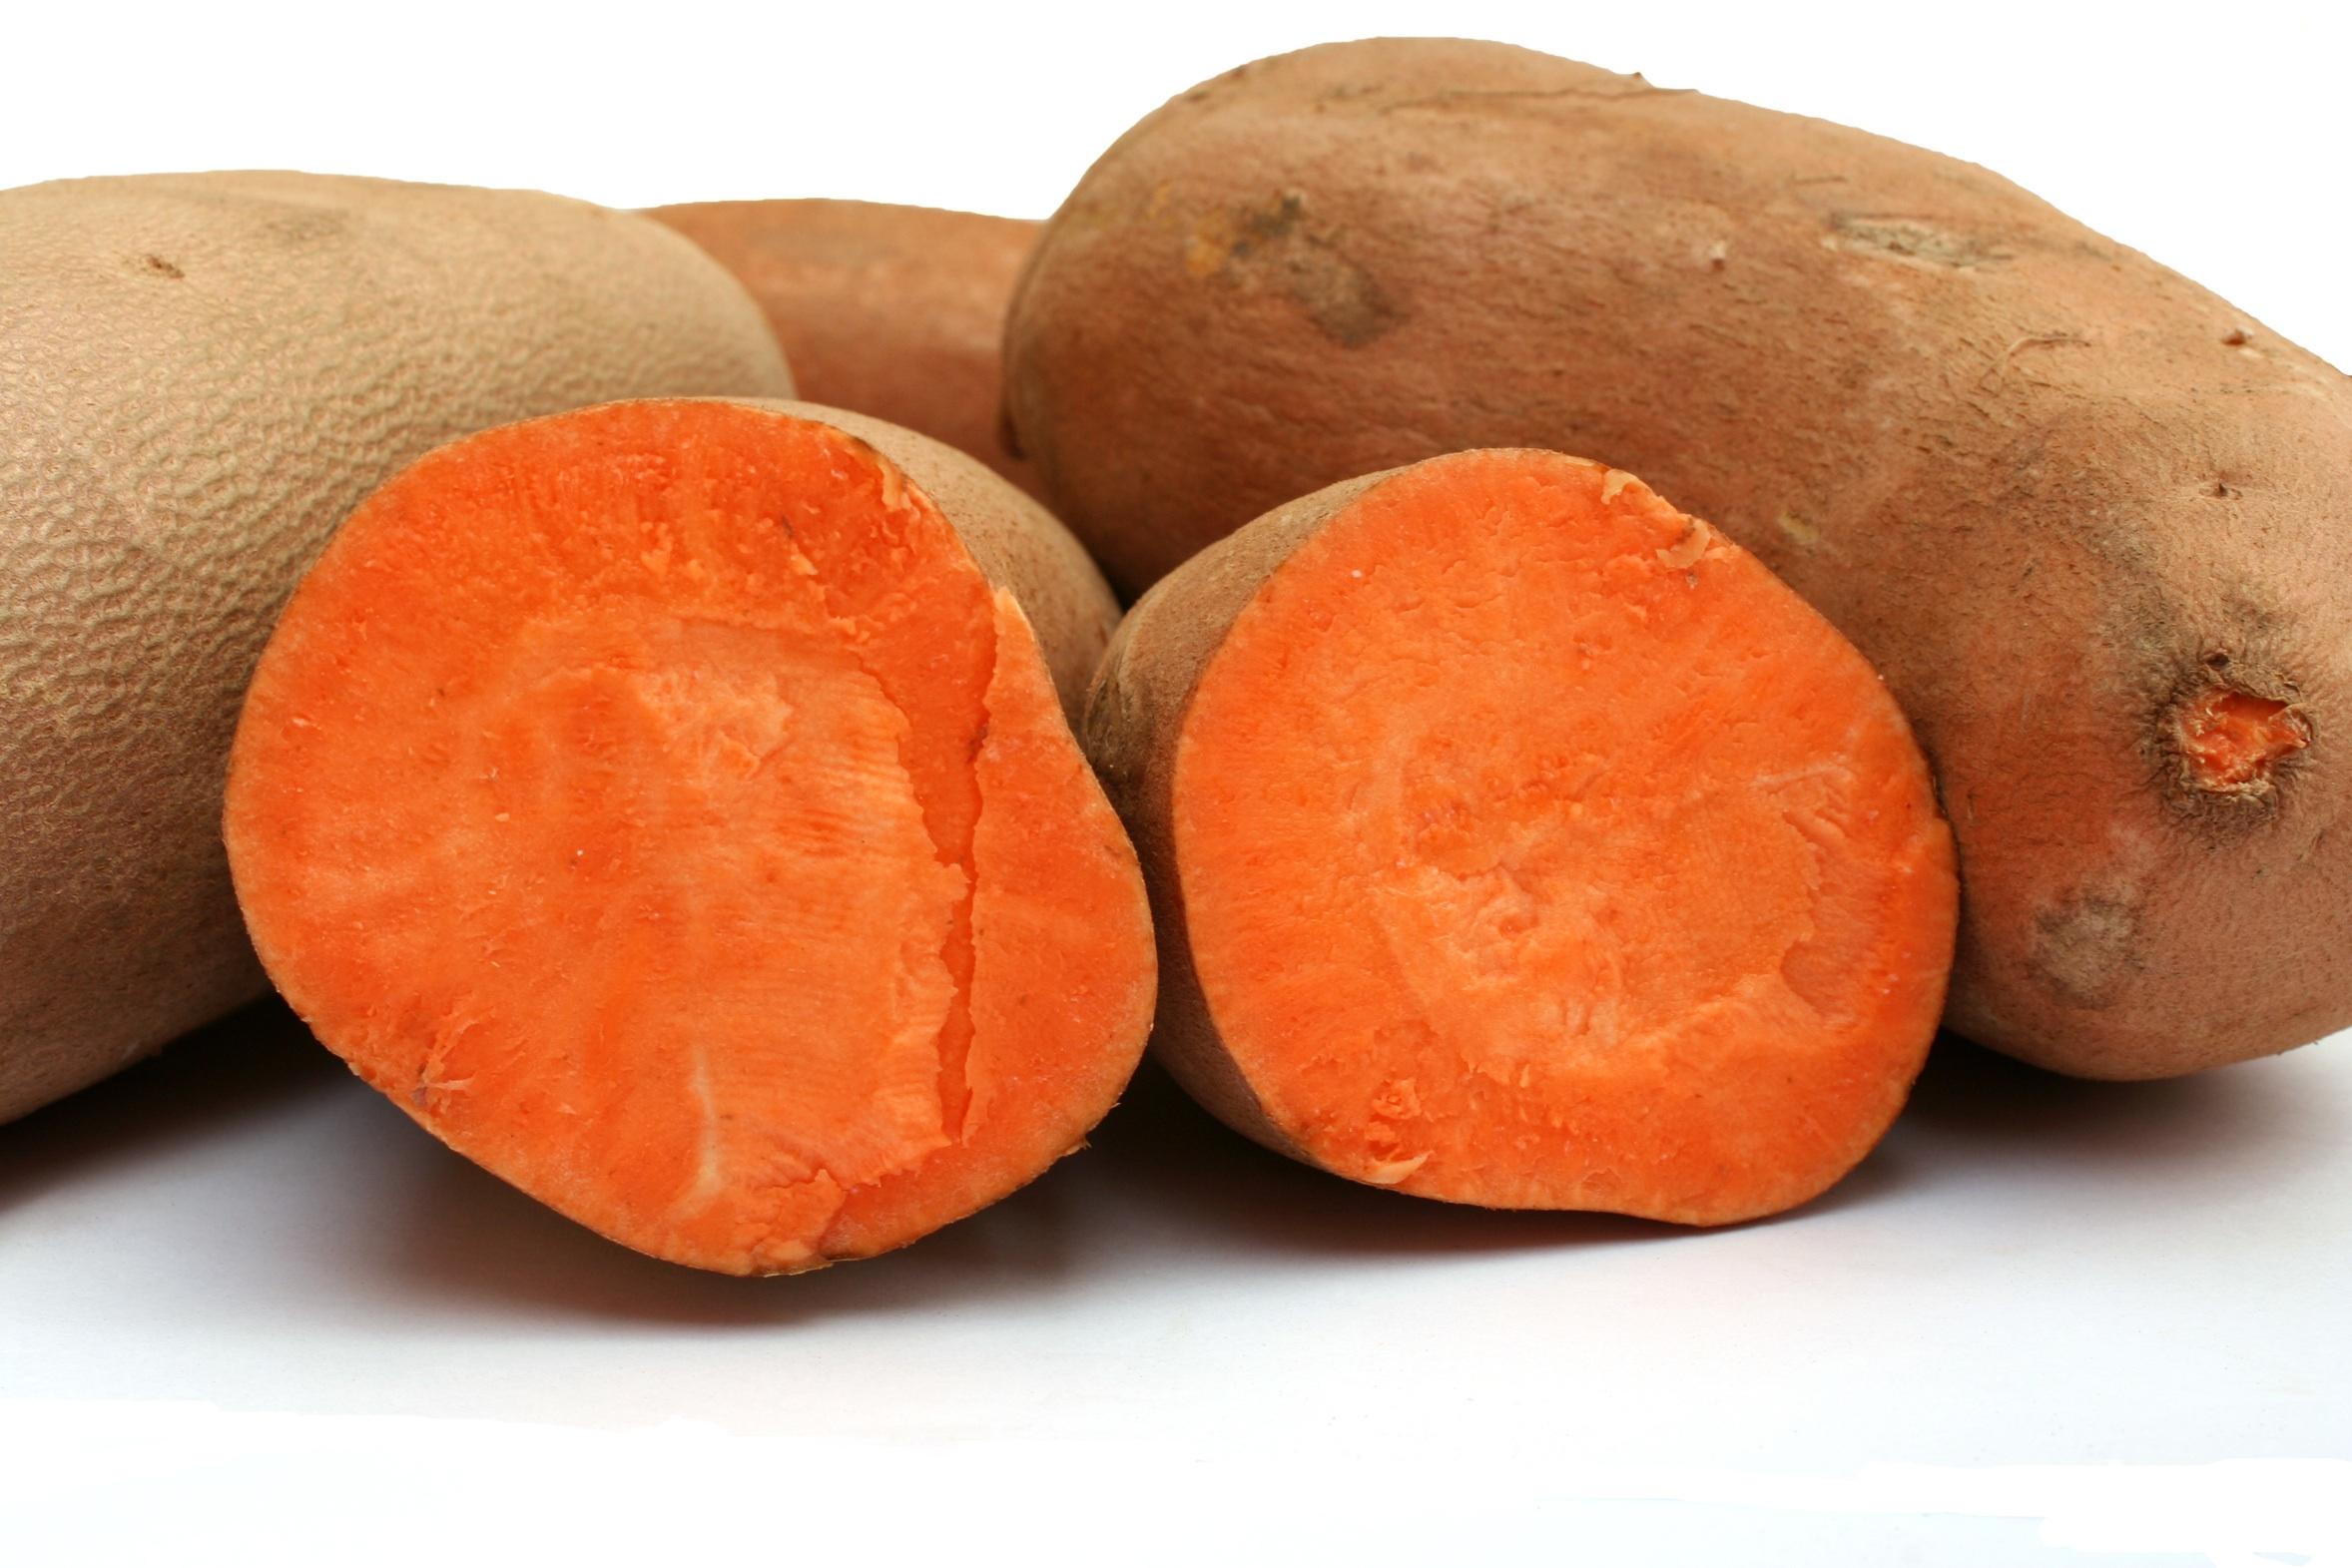 البطاطا الحلوة متى يمكننى تقديمها في غذاء لطفلى ؟